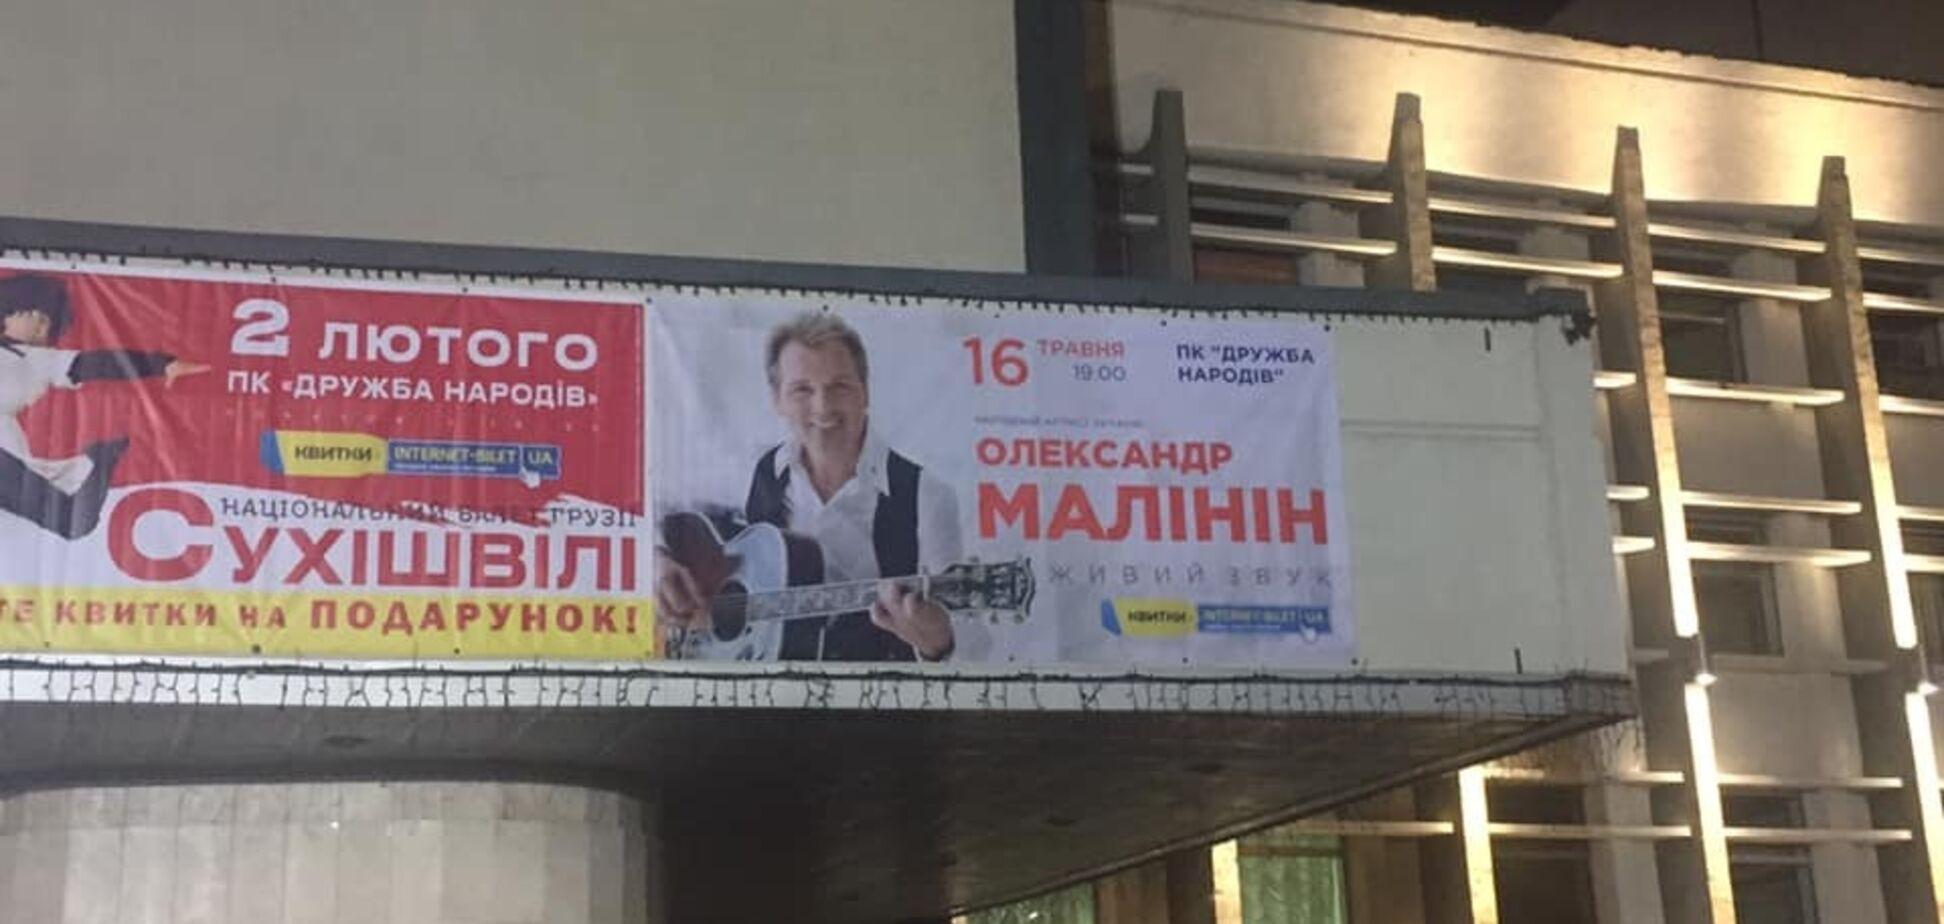 В Черкассы с концертом едет Малинин: в сети разразился скандал